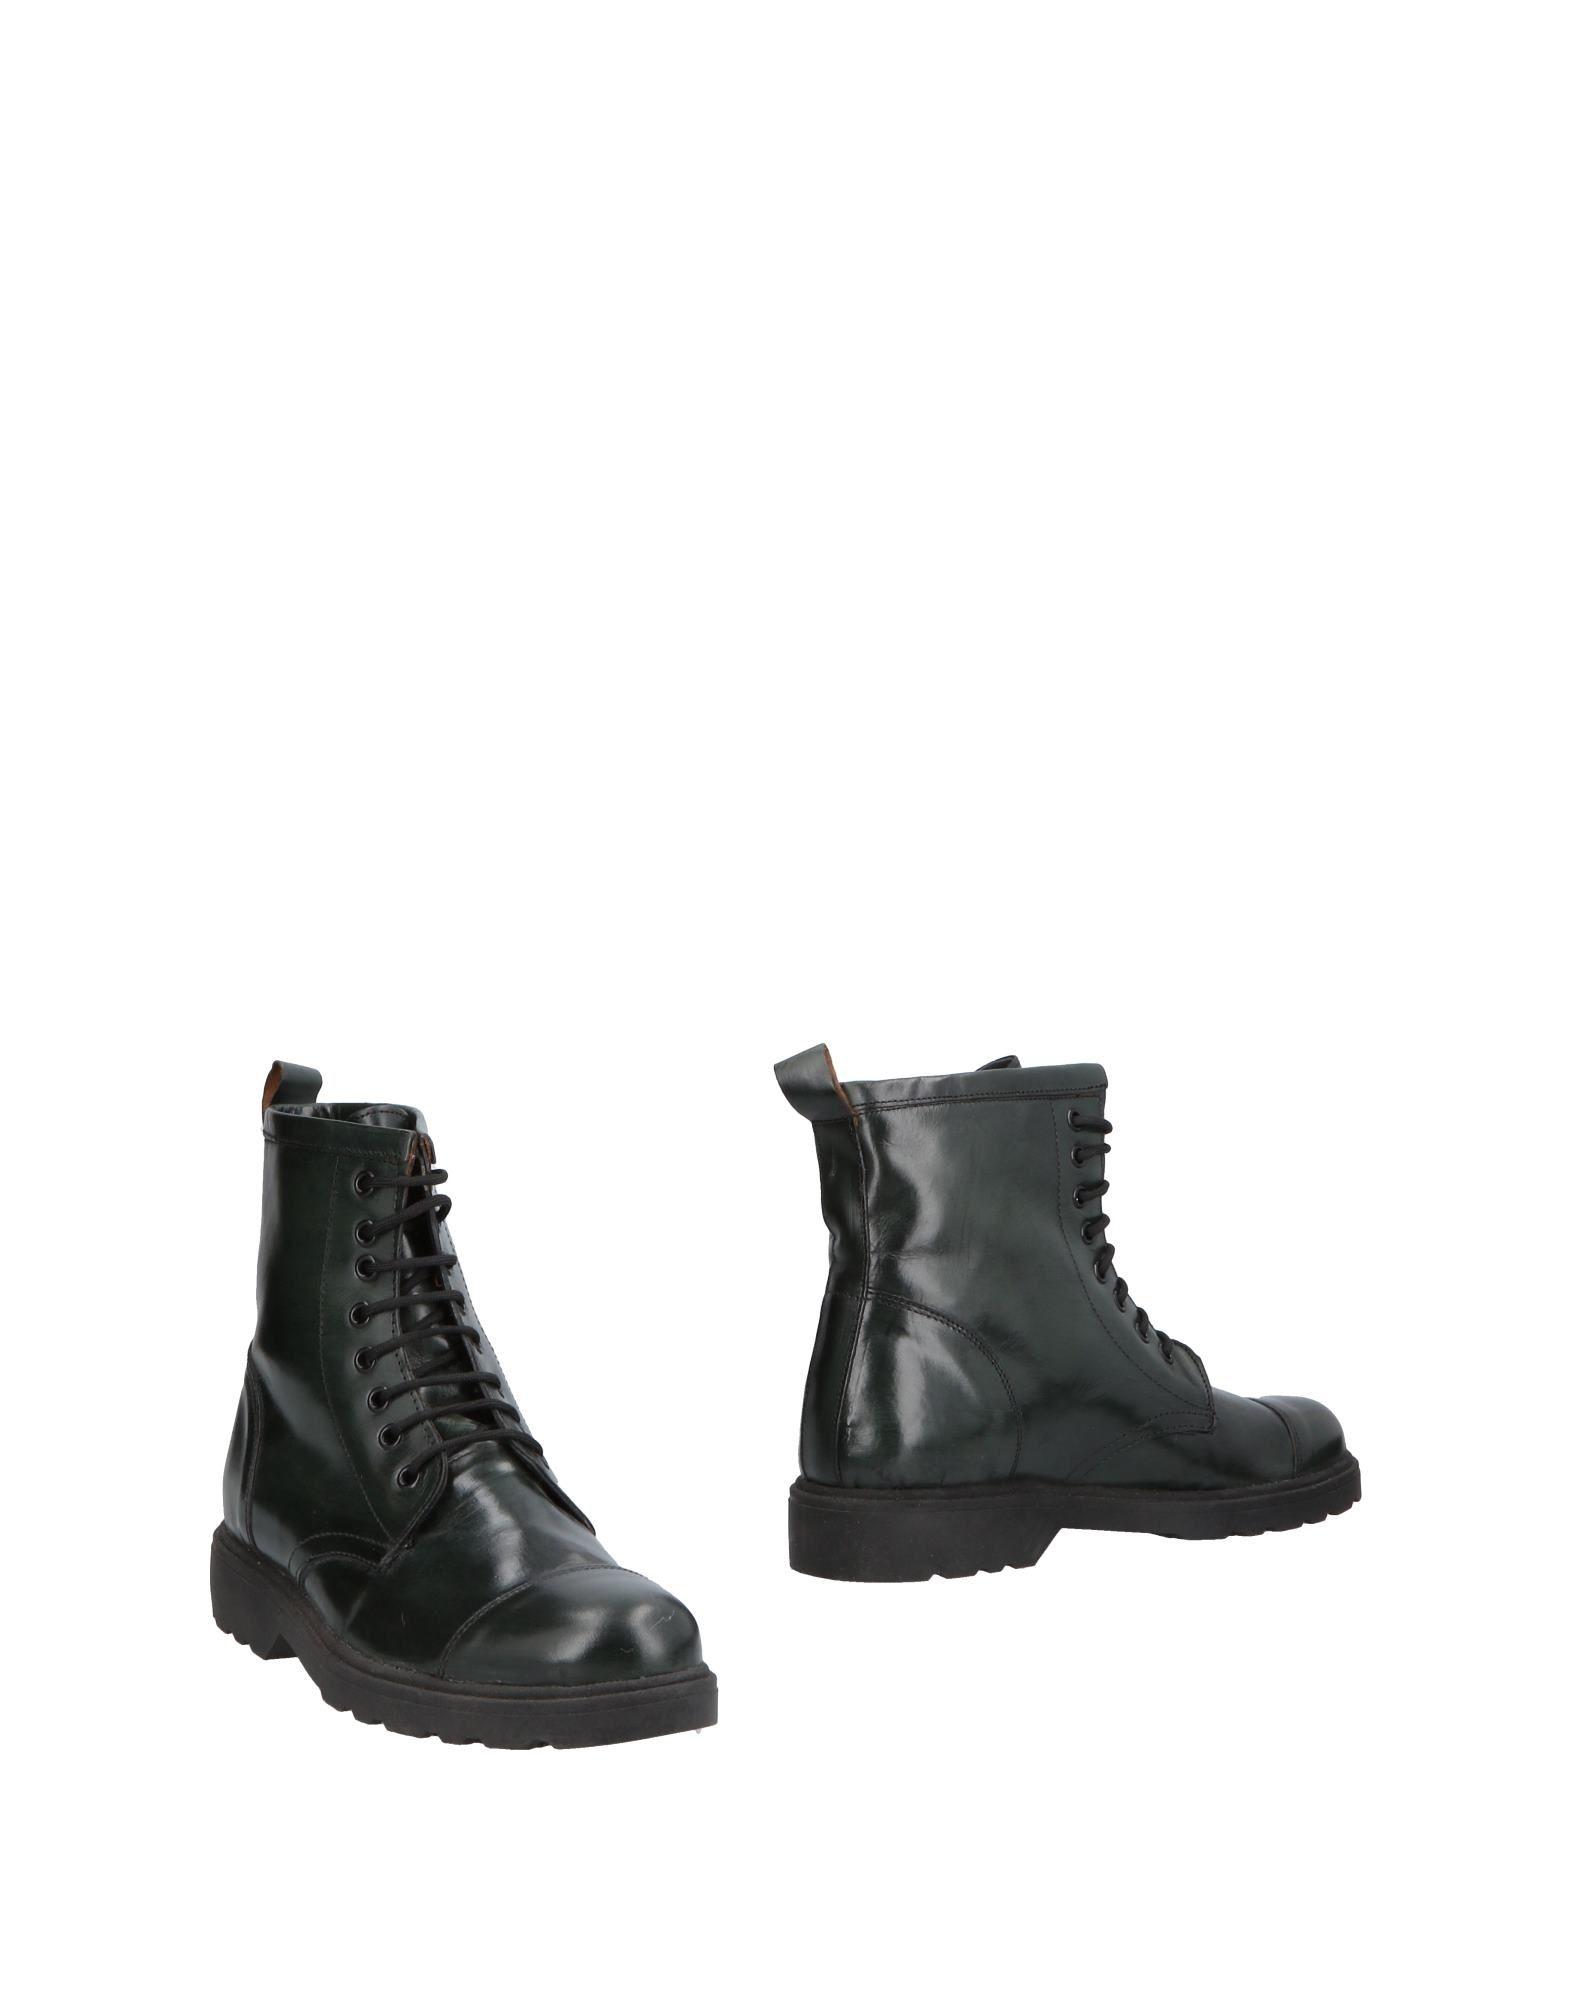 Stivaletti Tsd12 Uomo - 11504310OX Scarpe economiche e buone